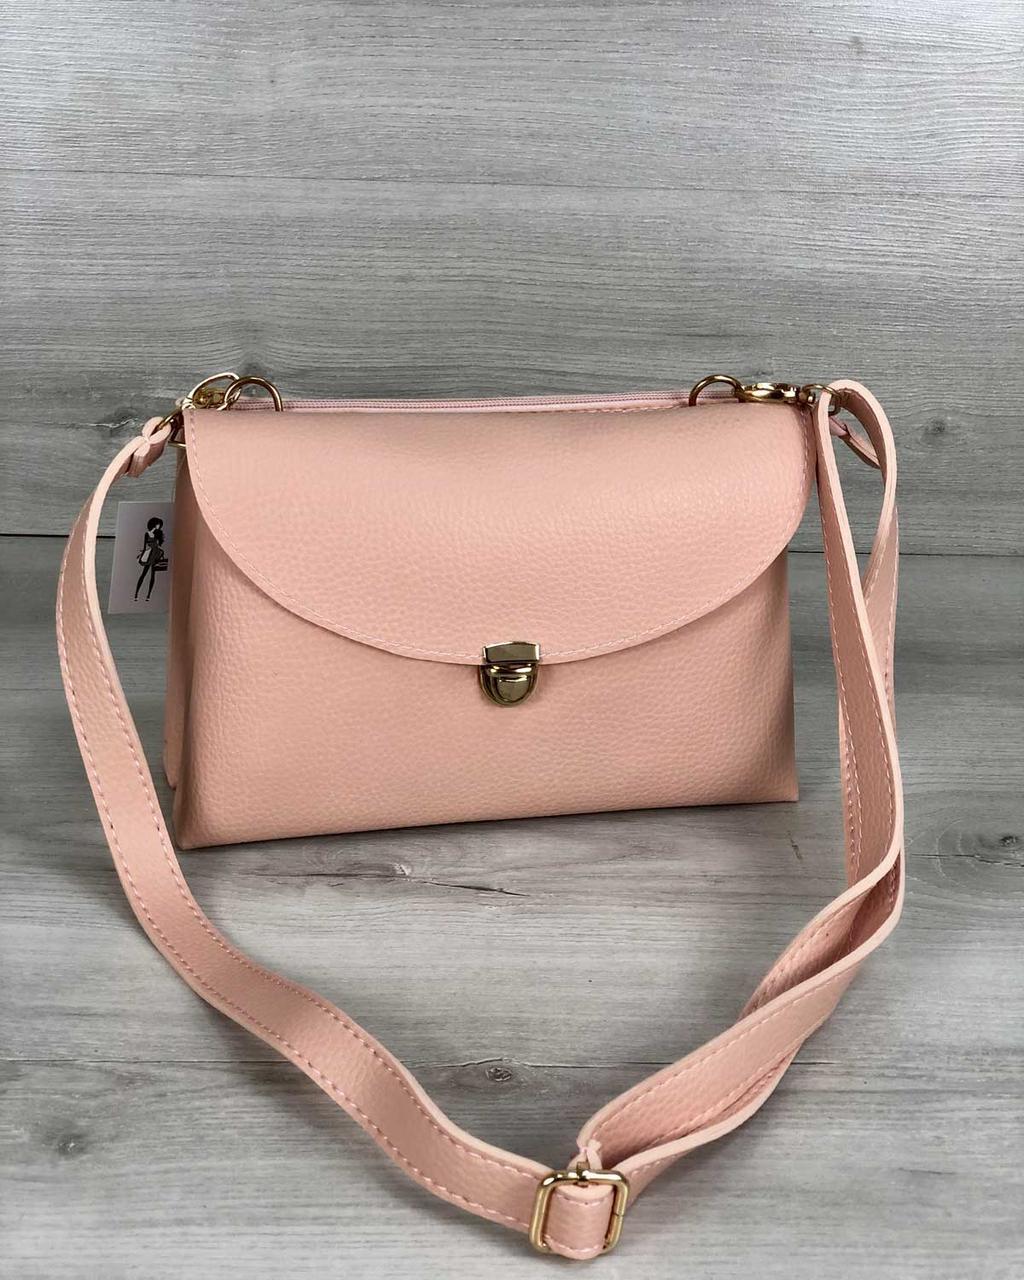 8f8d280a35b1 Молодежная женская сумка Виола пудрового цвета